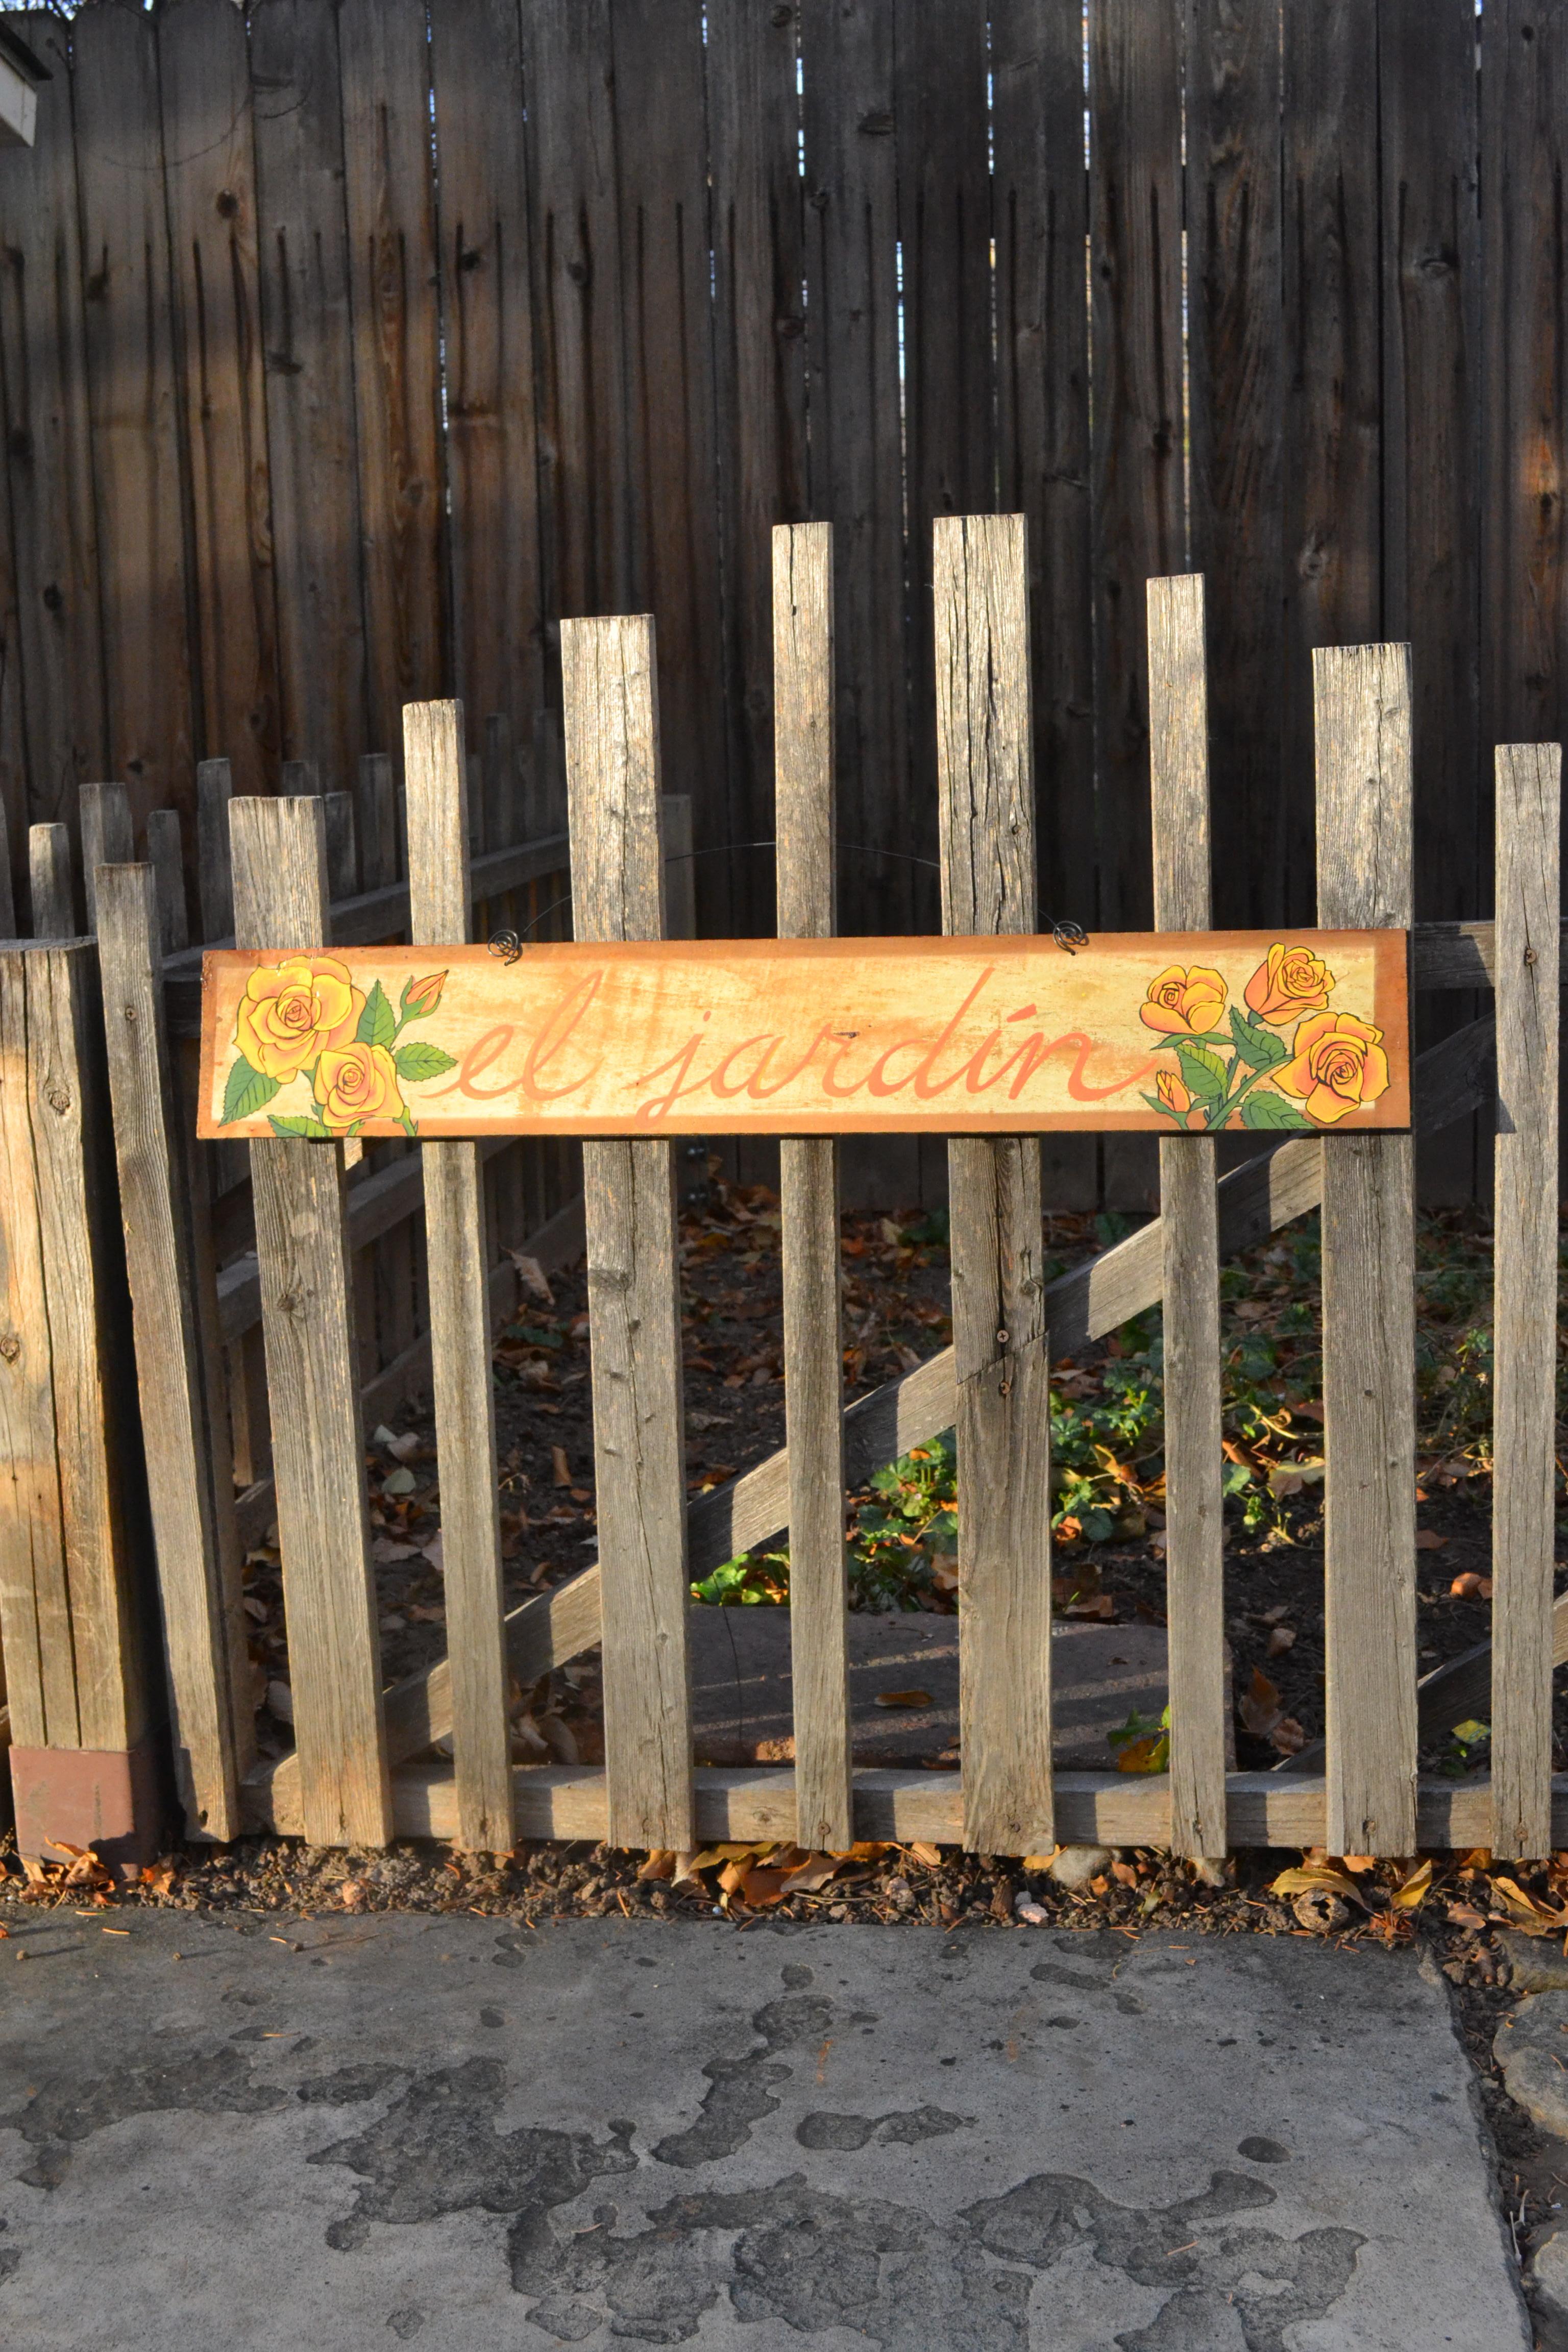 El jardín sign